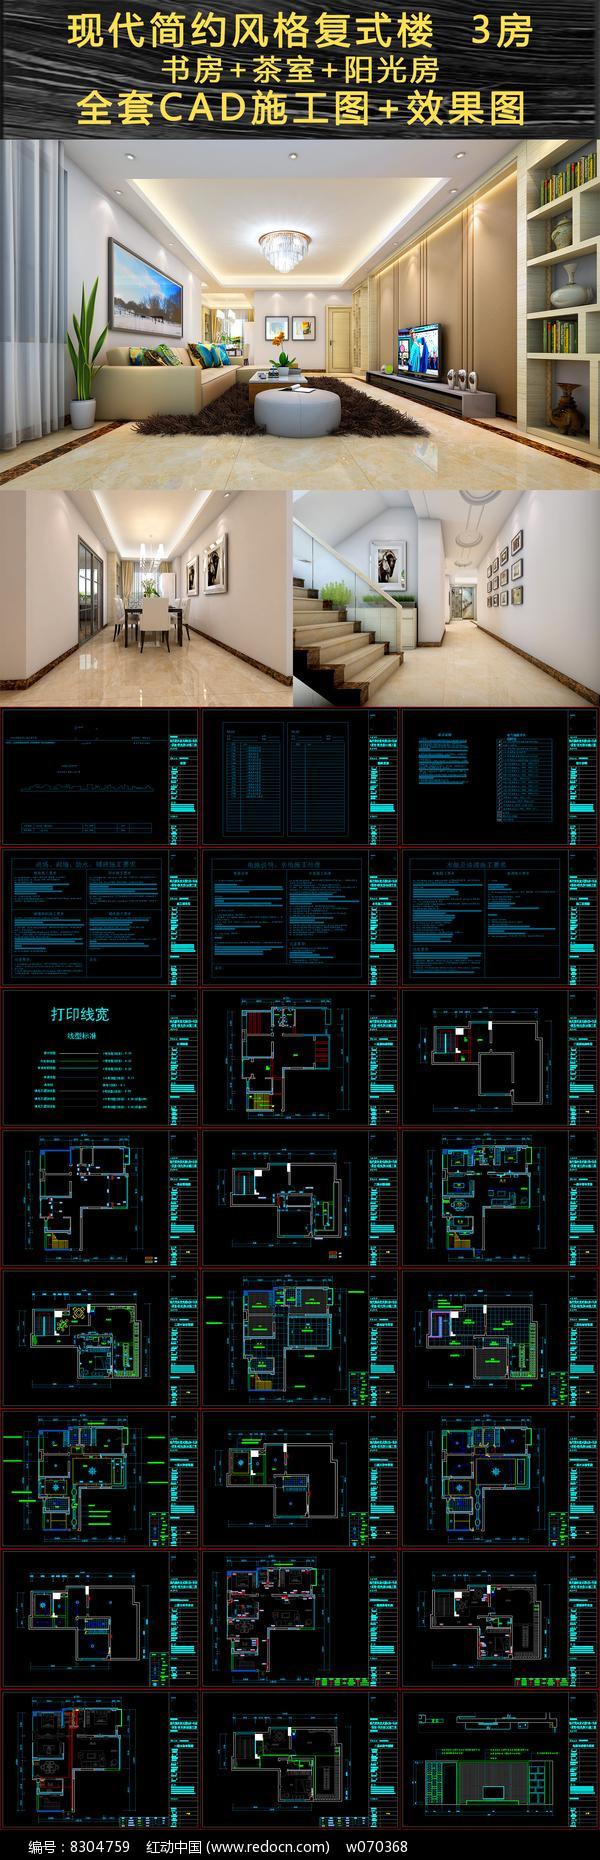 现代简约风格复式楼三室两厅全套CAD施工图+高清效果图图片